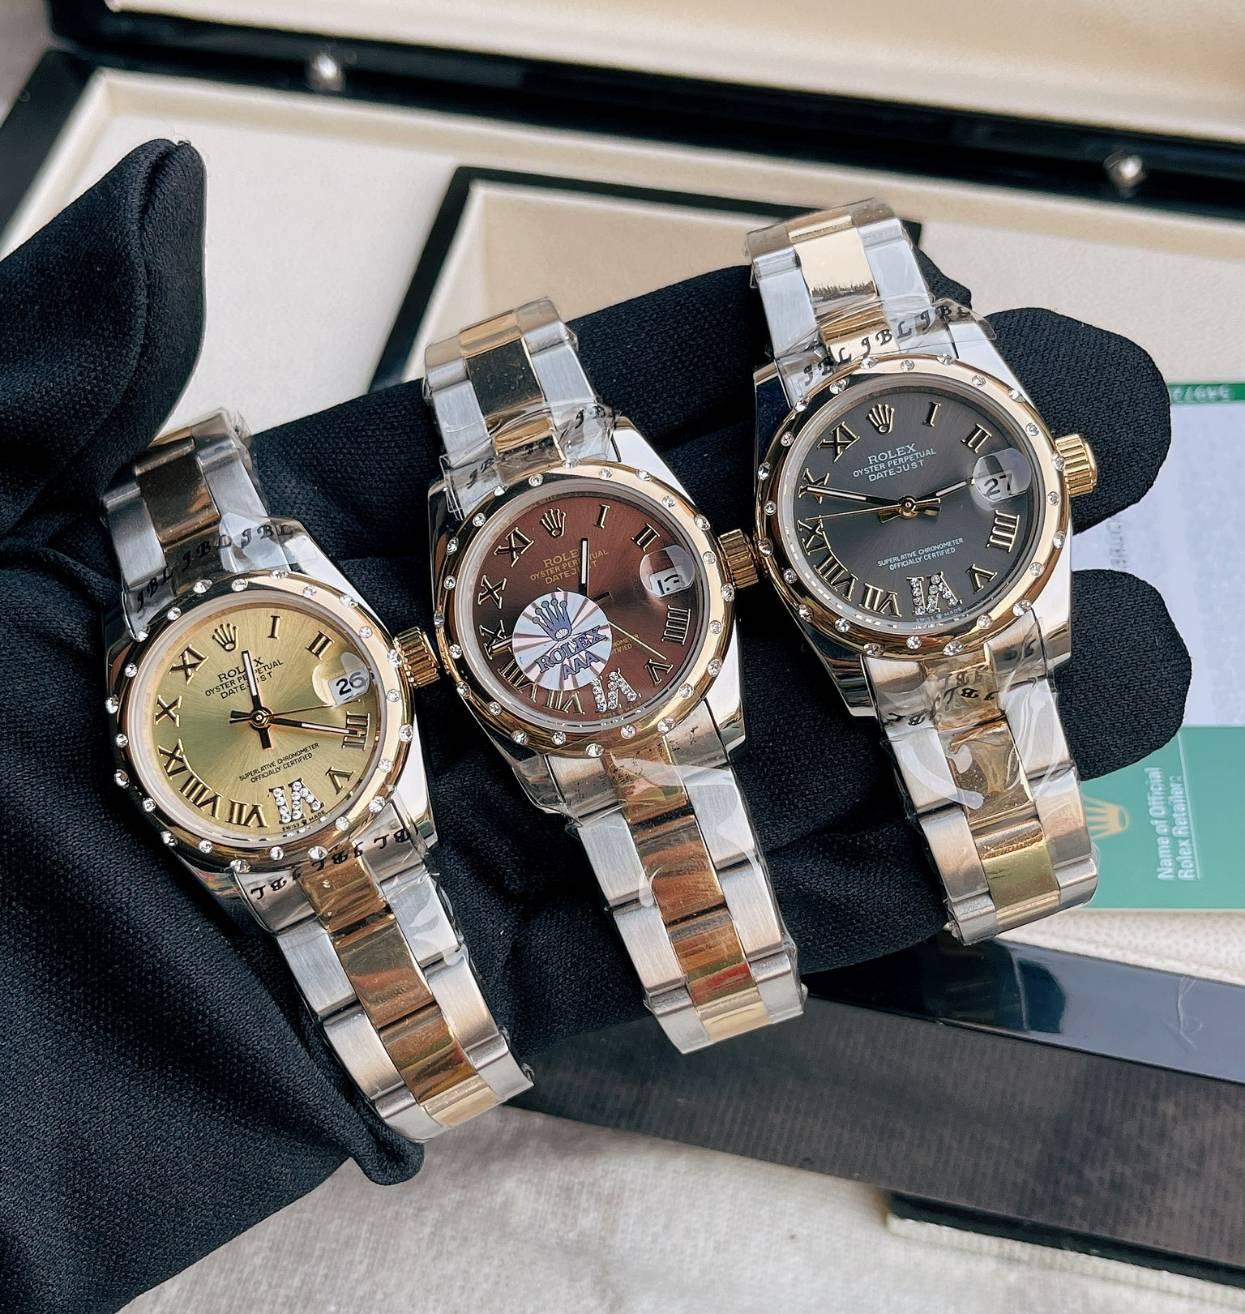 Rolex Lady ก๊อปผู้หญิง โรเล็กซ์